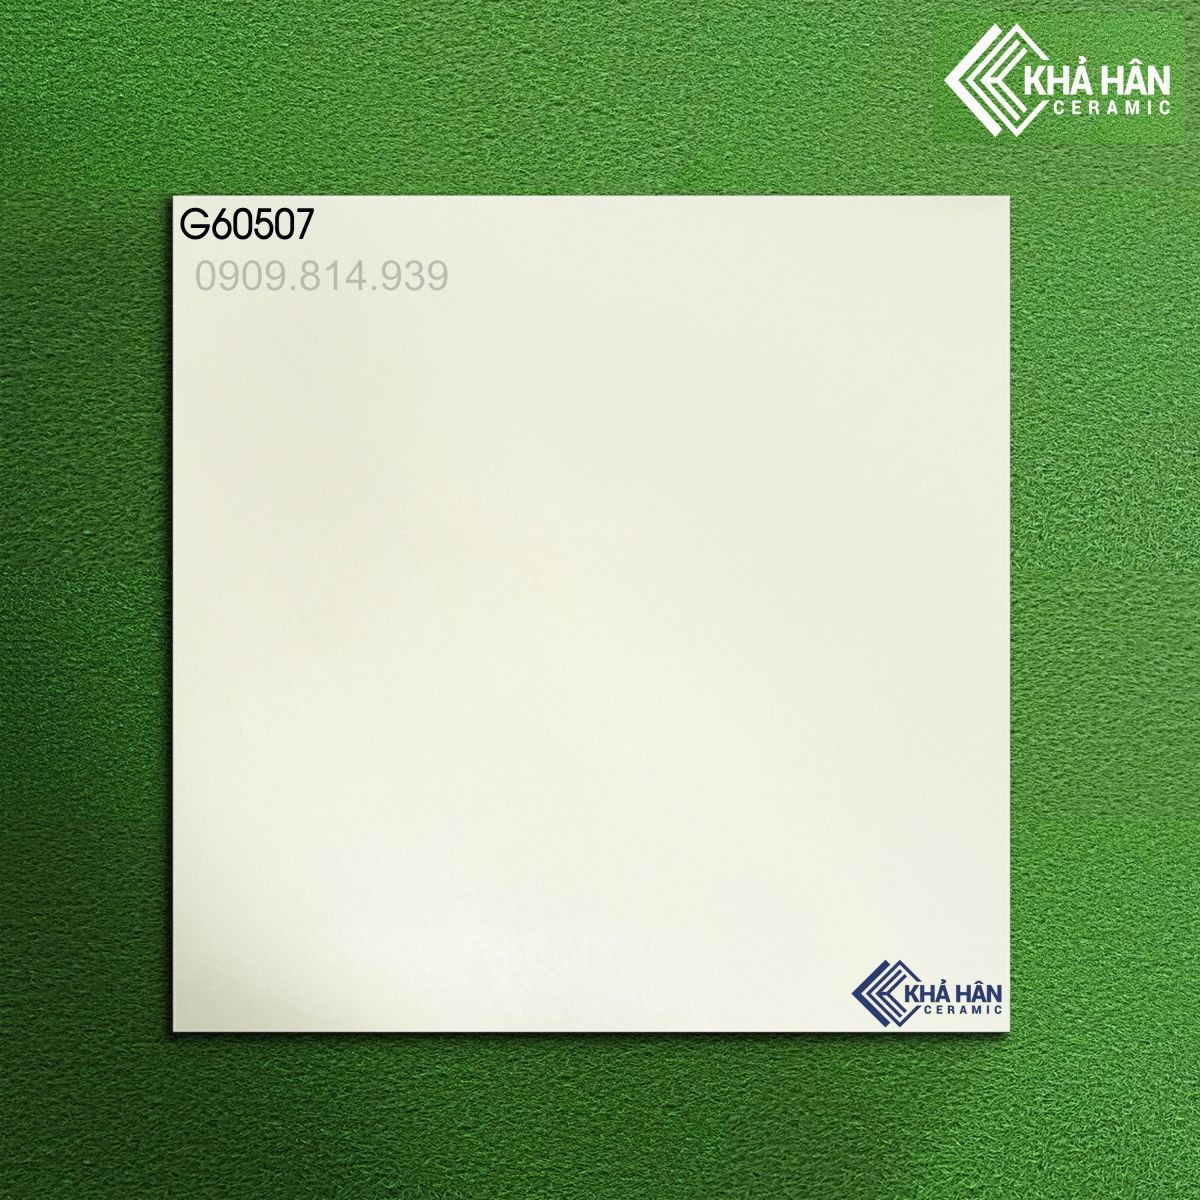 Gạch 60x60 bóng kiếng, gạch 60x60 cao cấp, gạch 60x60 lát nền giá rẻ, gạch 60x60 tồn kho cao cấp, gạch lát nền 60x60 cao cấp giá rẻ, gạch 60x60 bóng kiếng lát nền, gạch 60x60 giảm giá